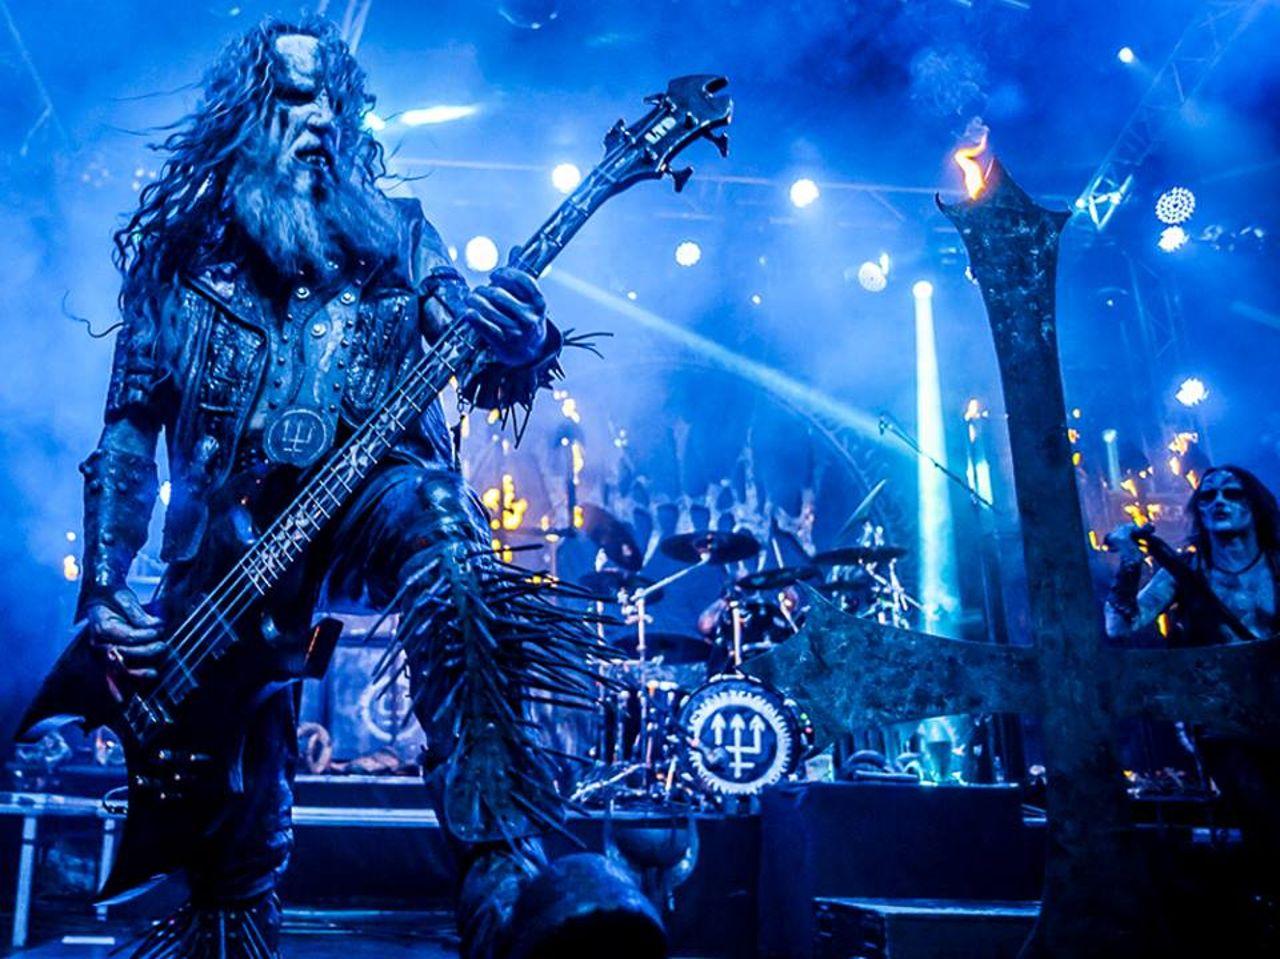 Calendrier Satanique 2019.Singapour Juge Sataniste Le Concert D Un Groupe De Metal Suedois Annule